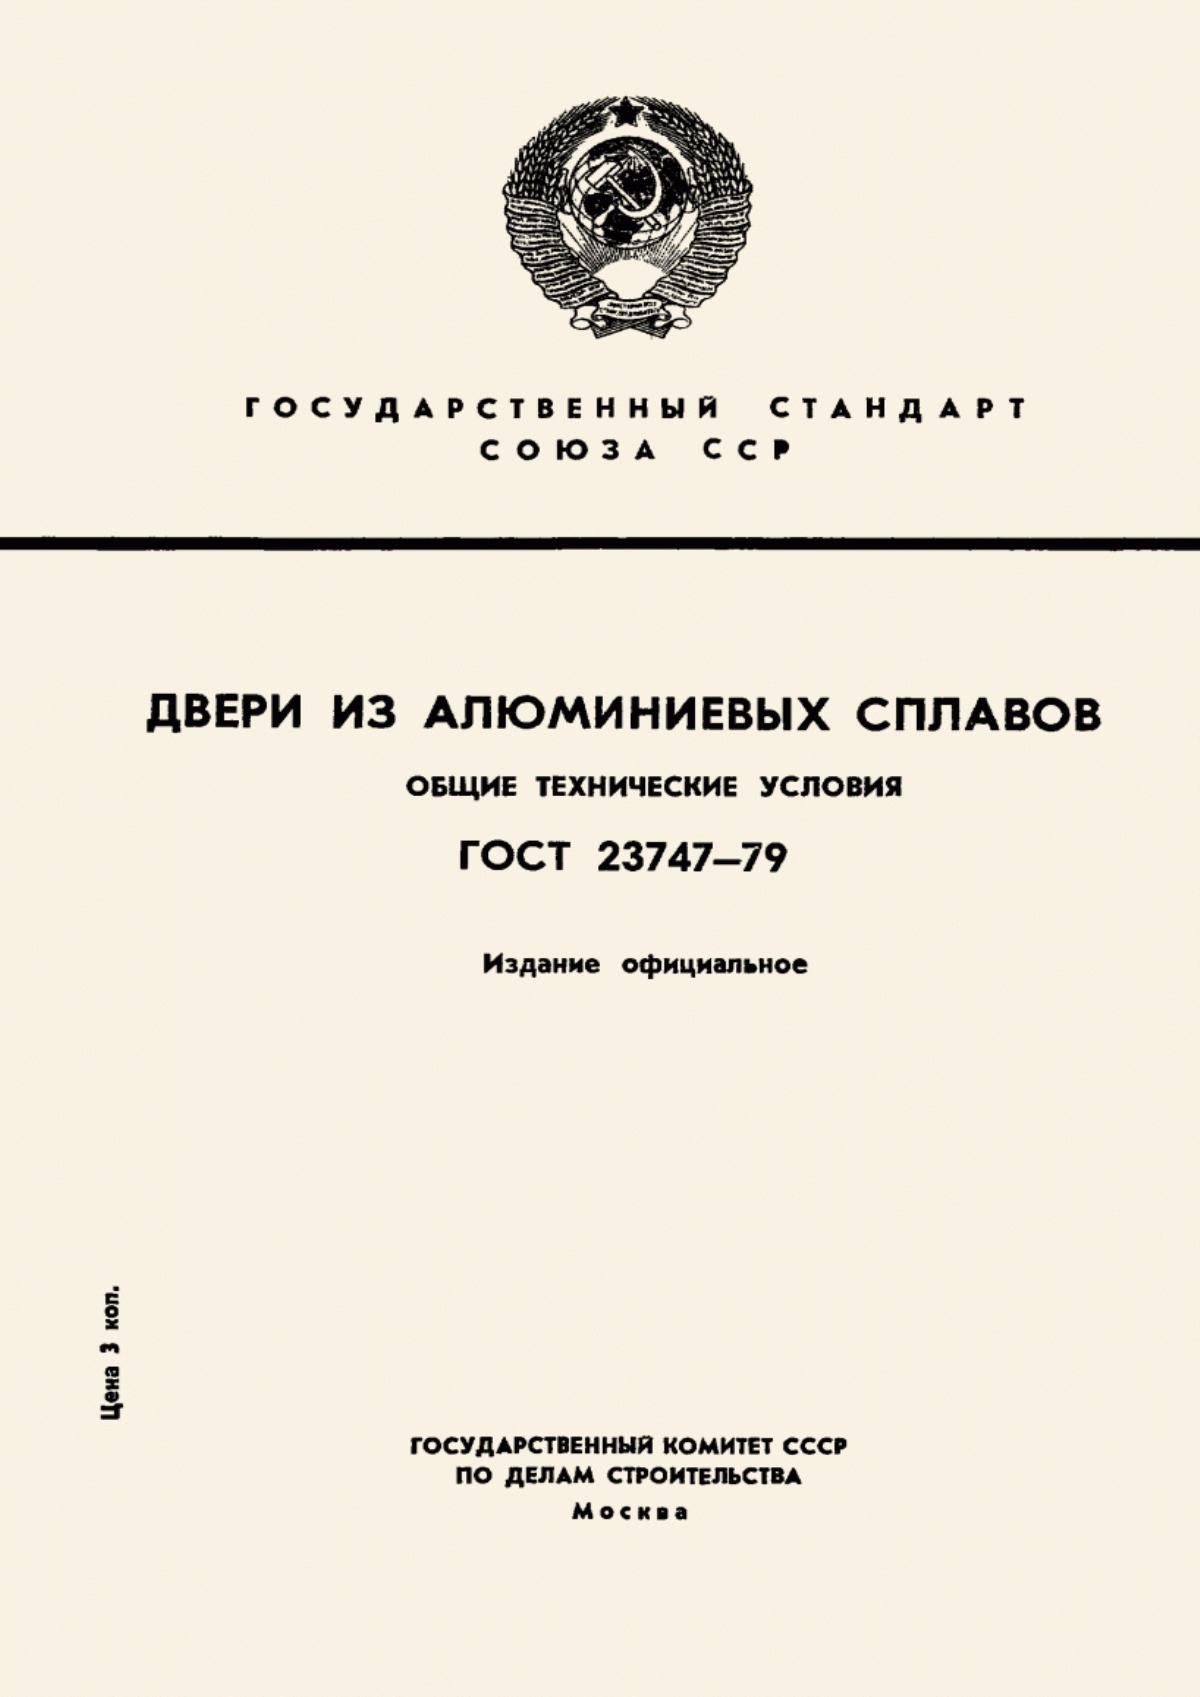 Гост 23747-88 двери из алюминиевых сплавов. общие технические условия